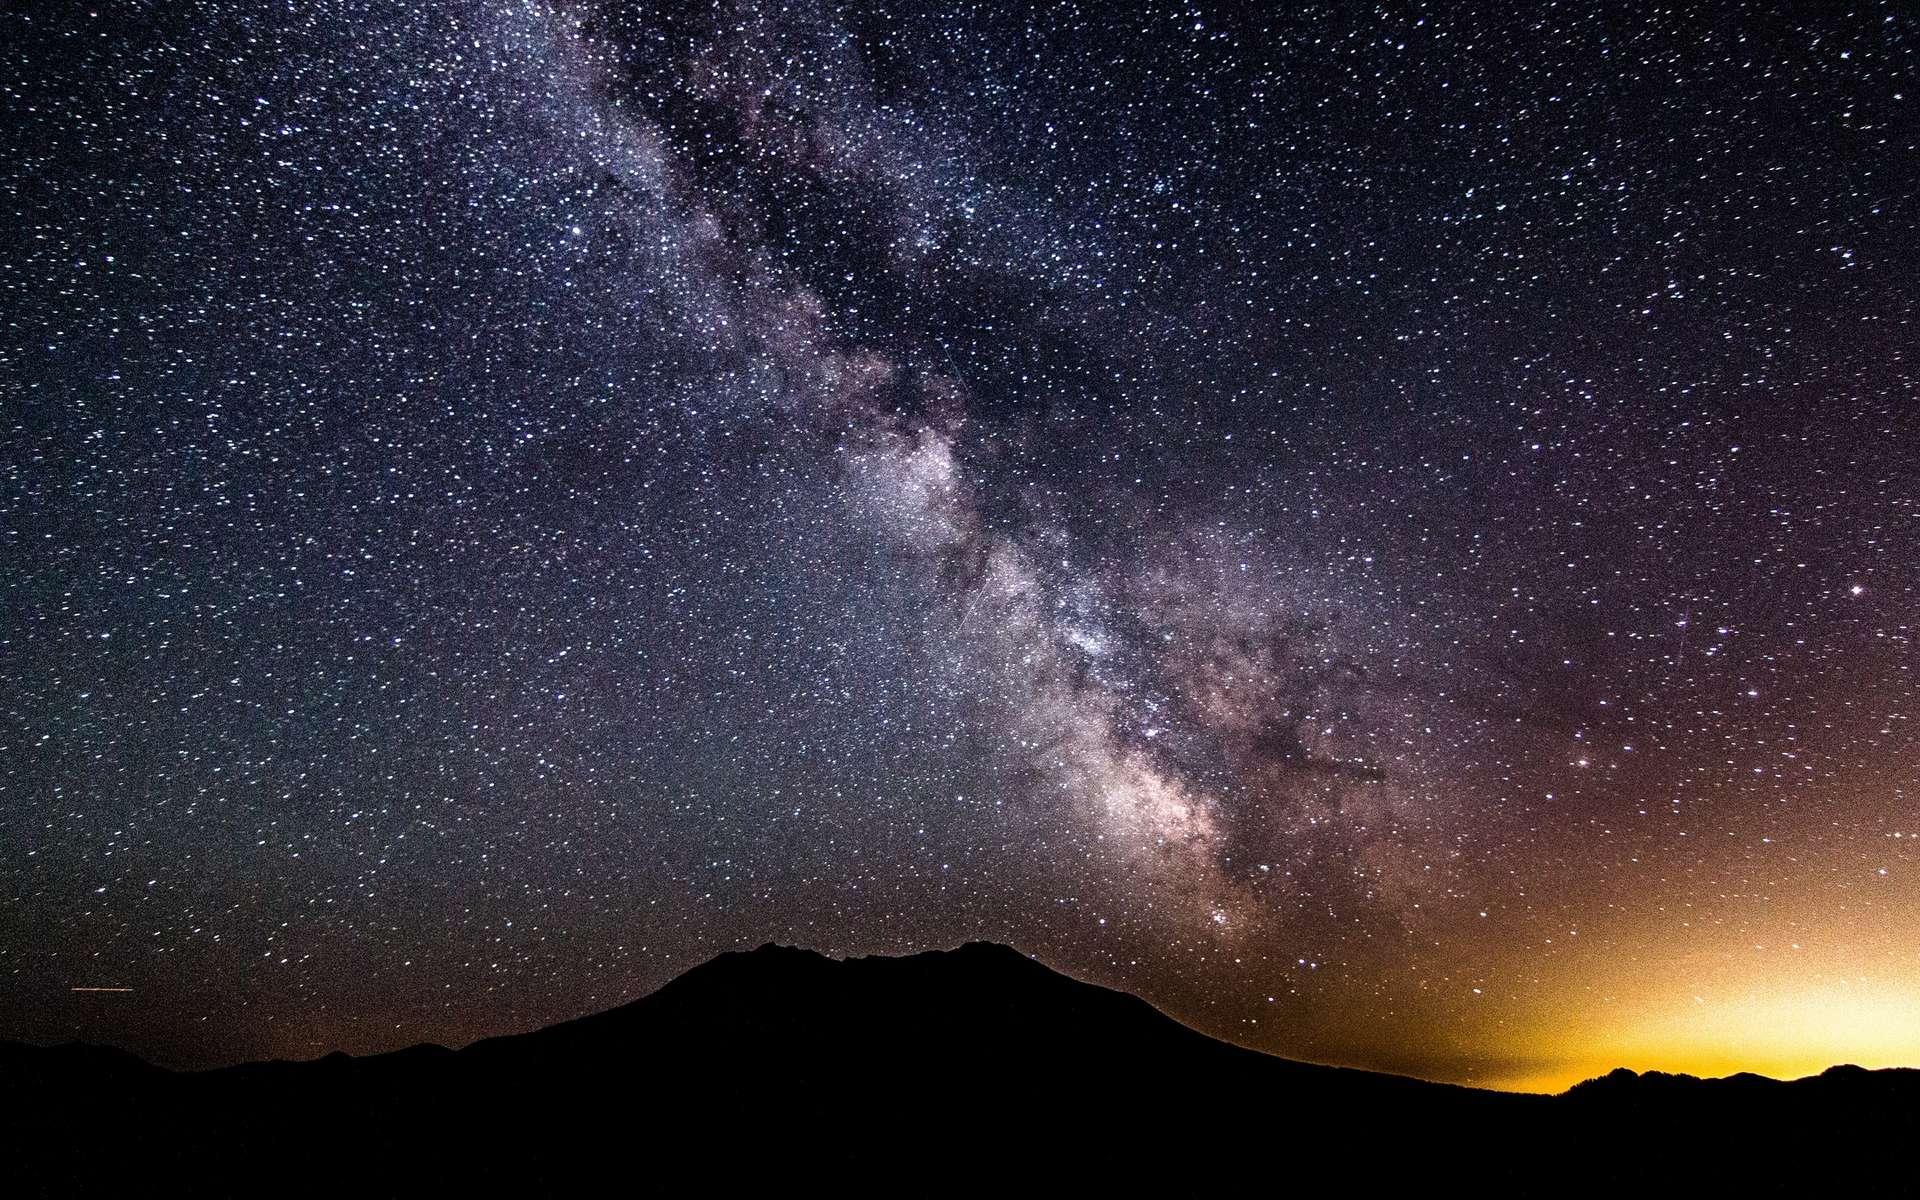 La Voie lactée est visible depuis la Terre. Elle apparaît comme une traînée blanchâtre. © PxHere